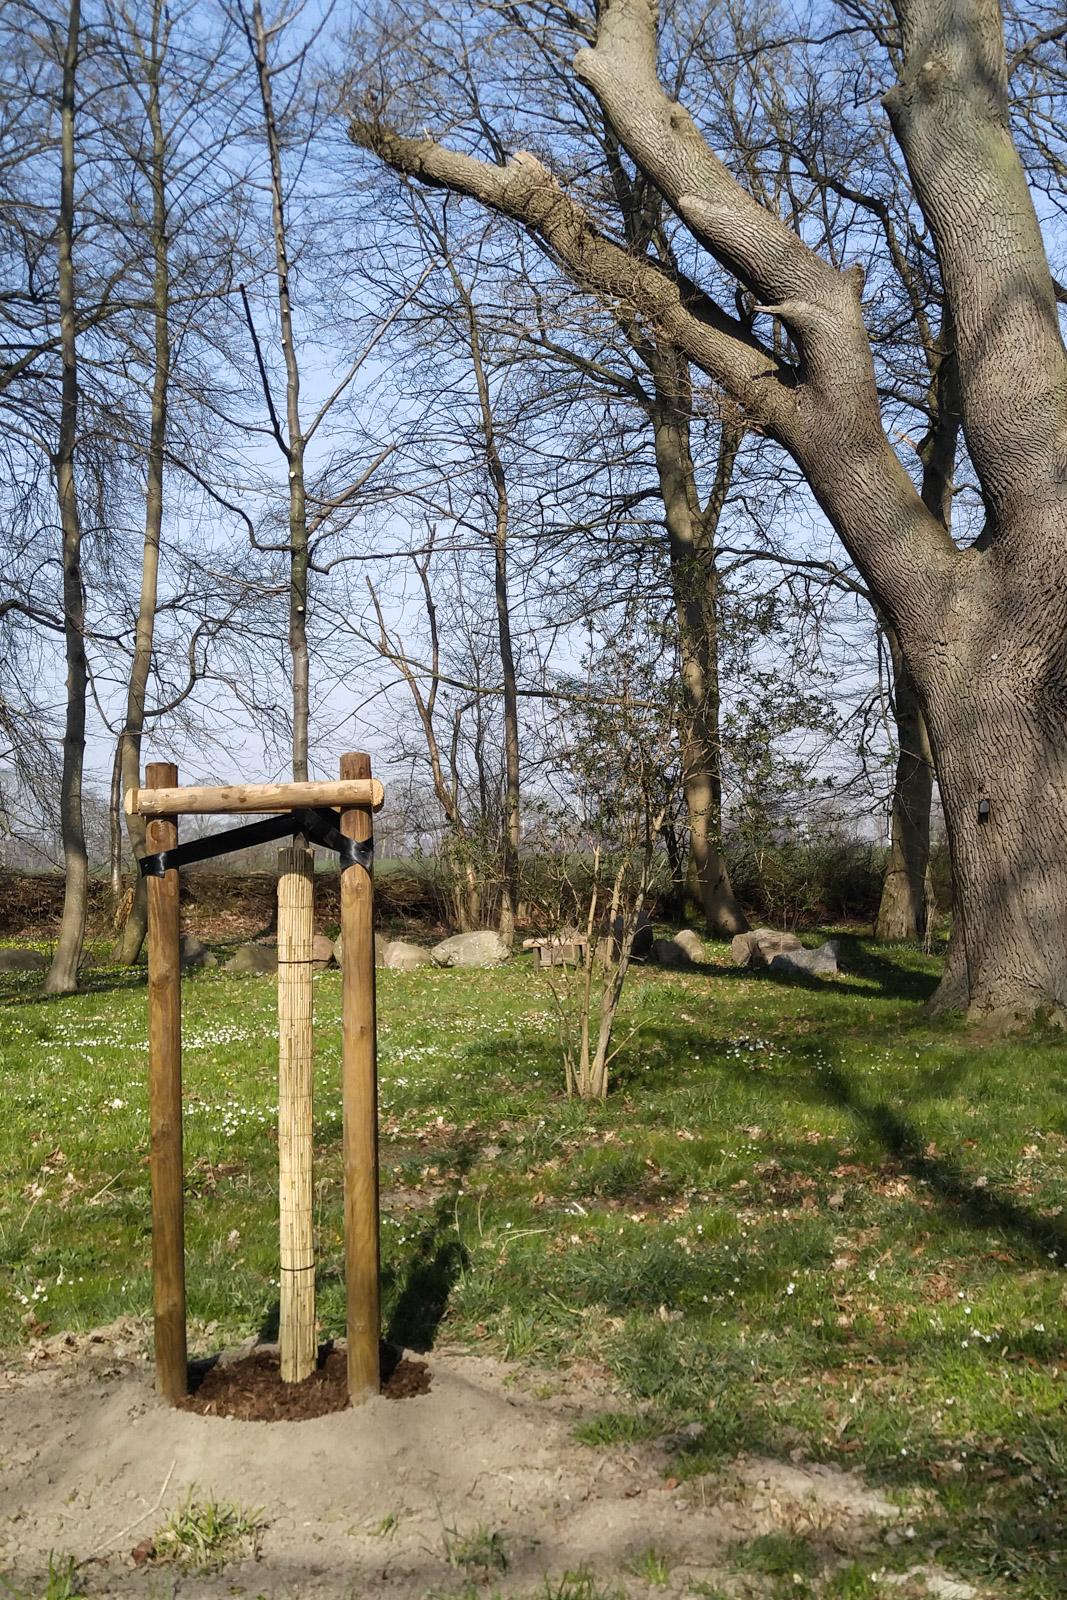 200328_neue bäume 2